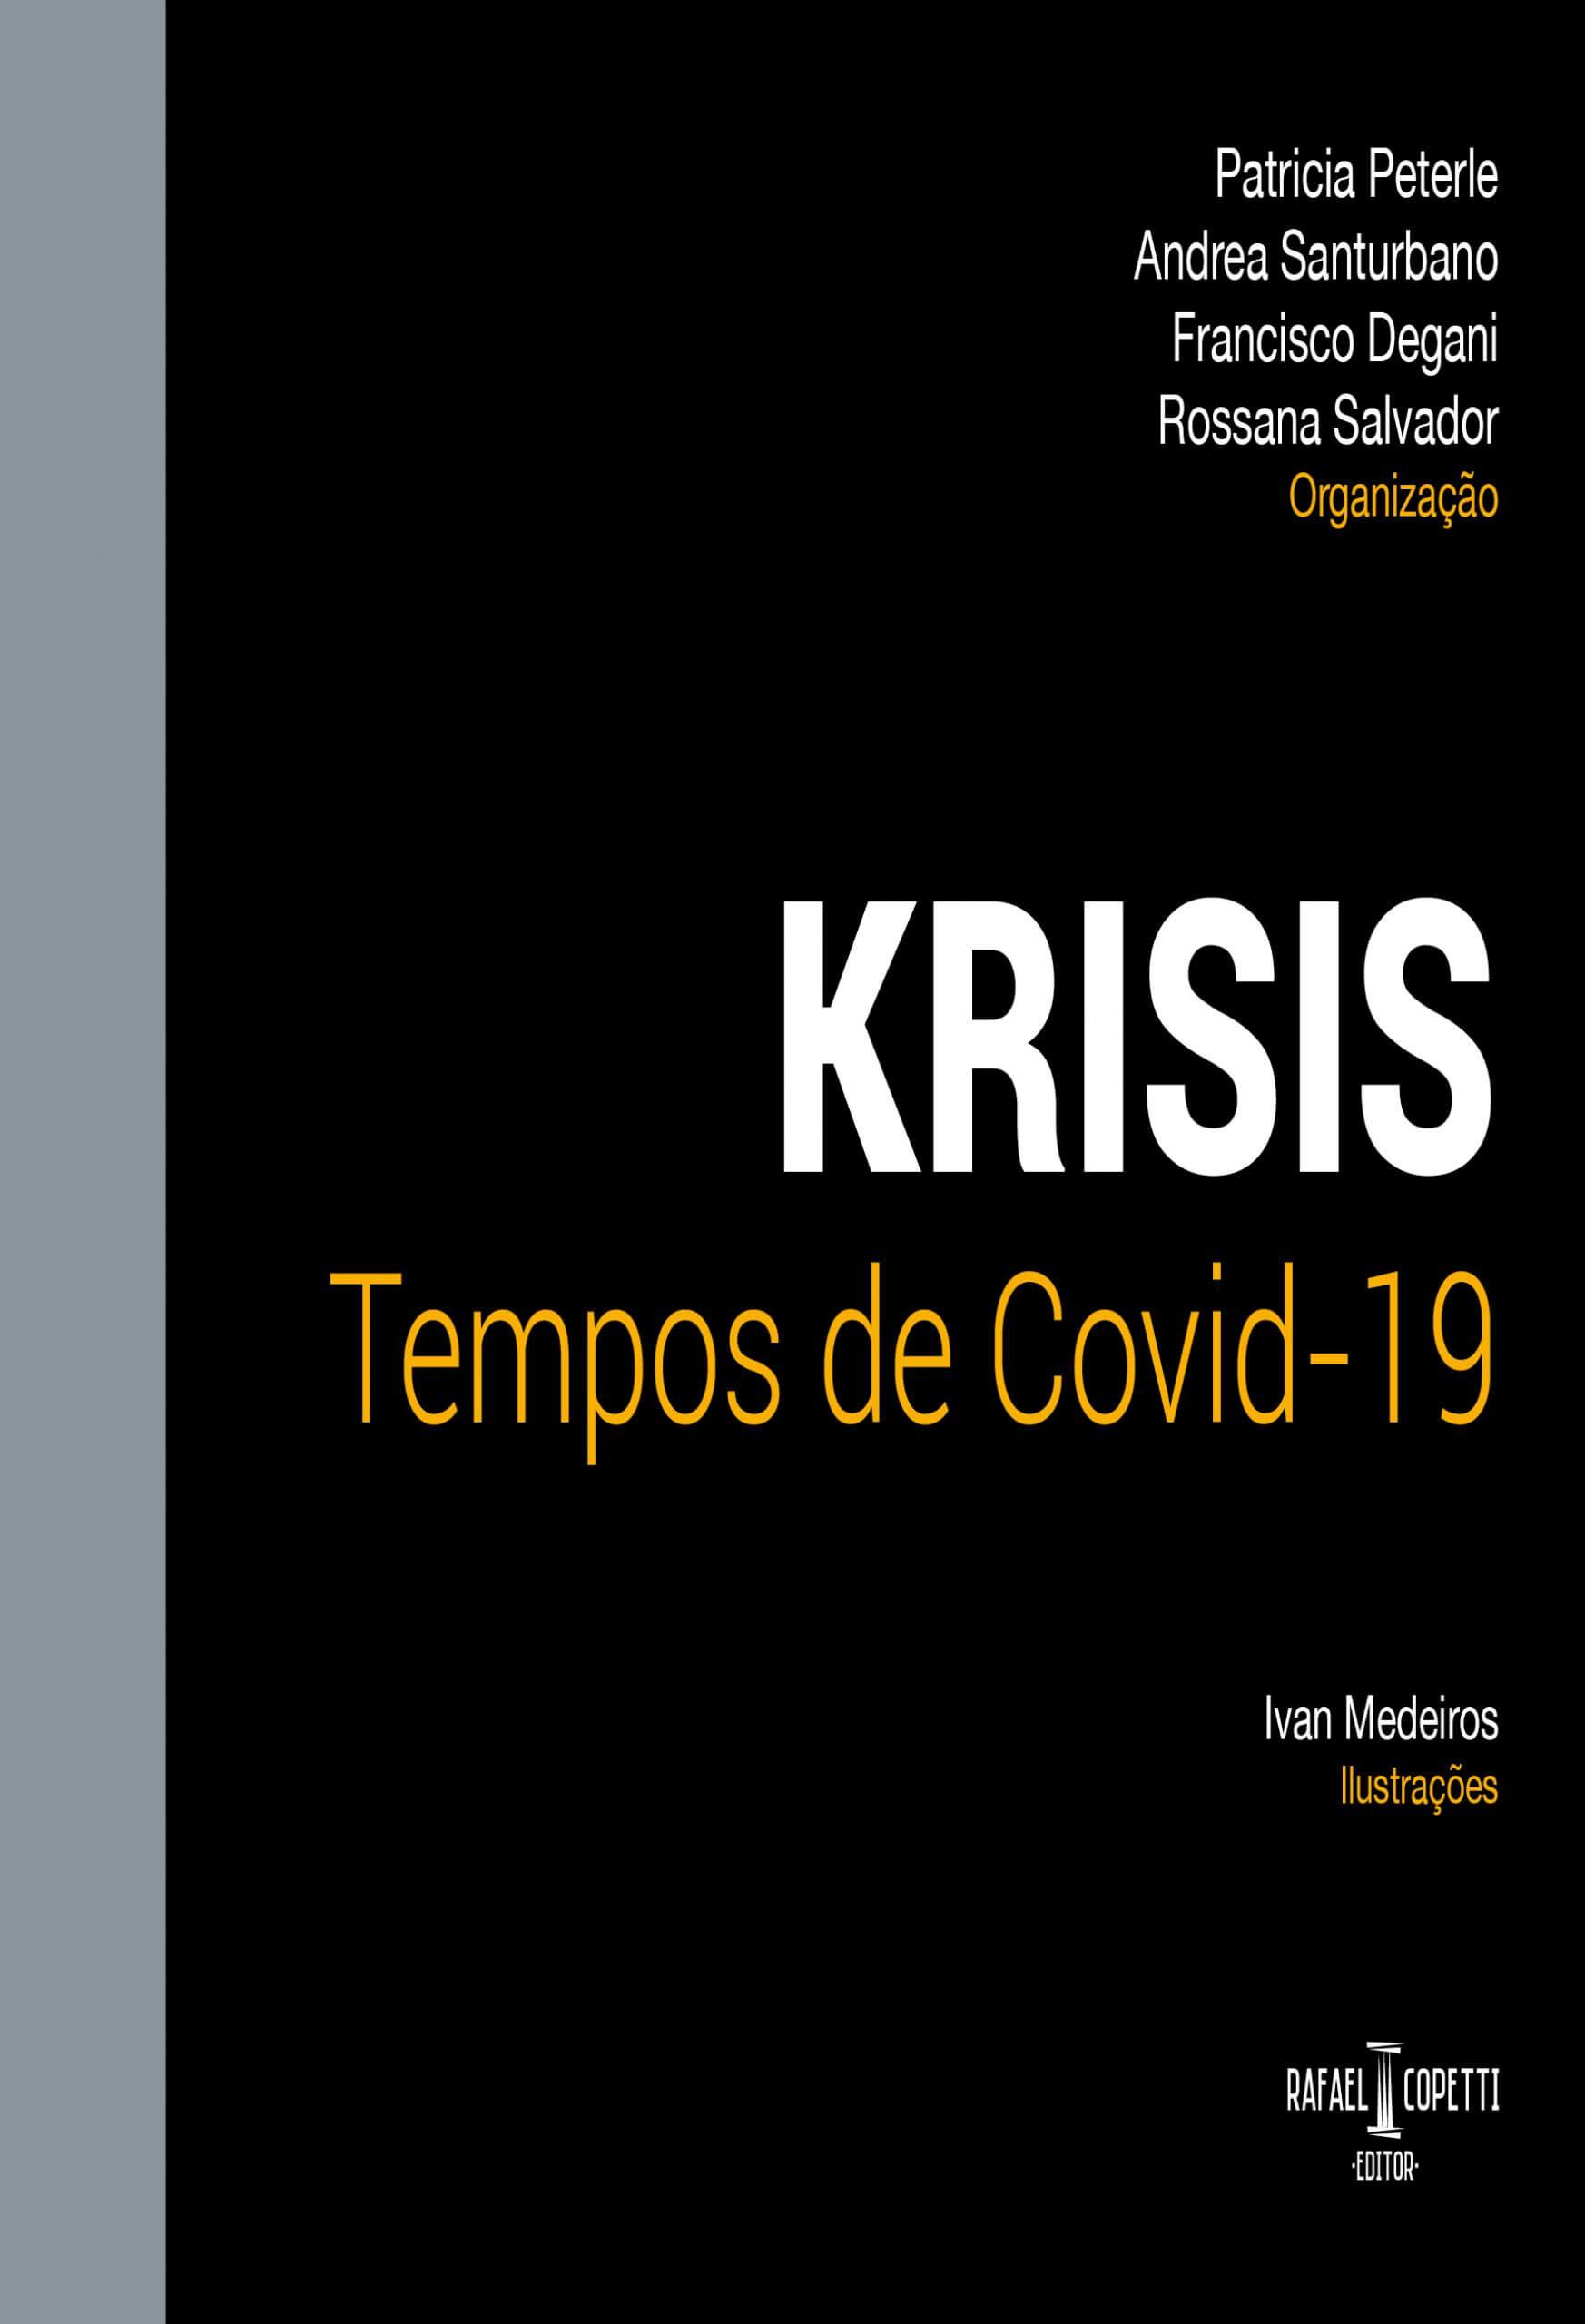 Krisis – Tempos de Covid 19